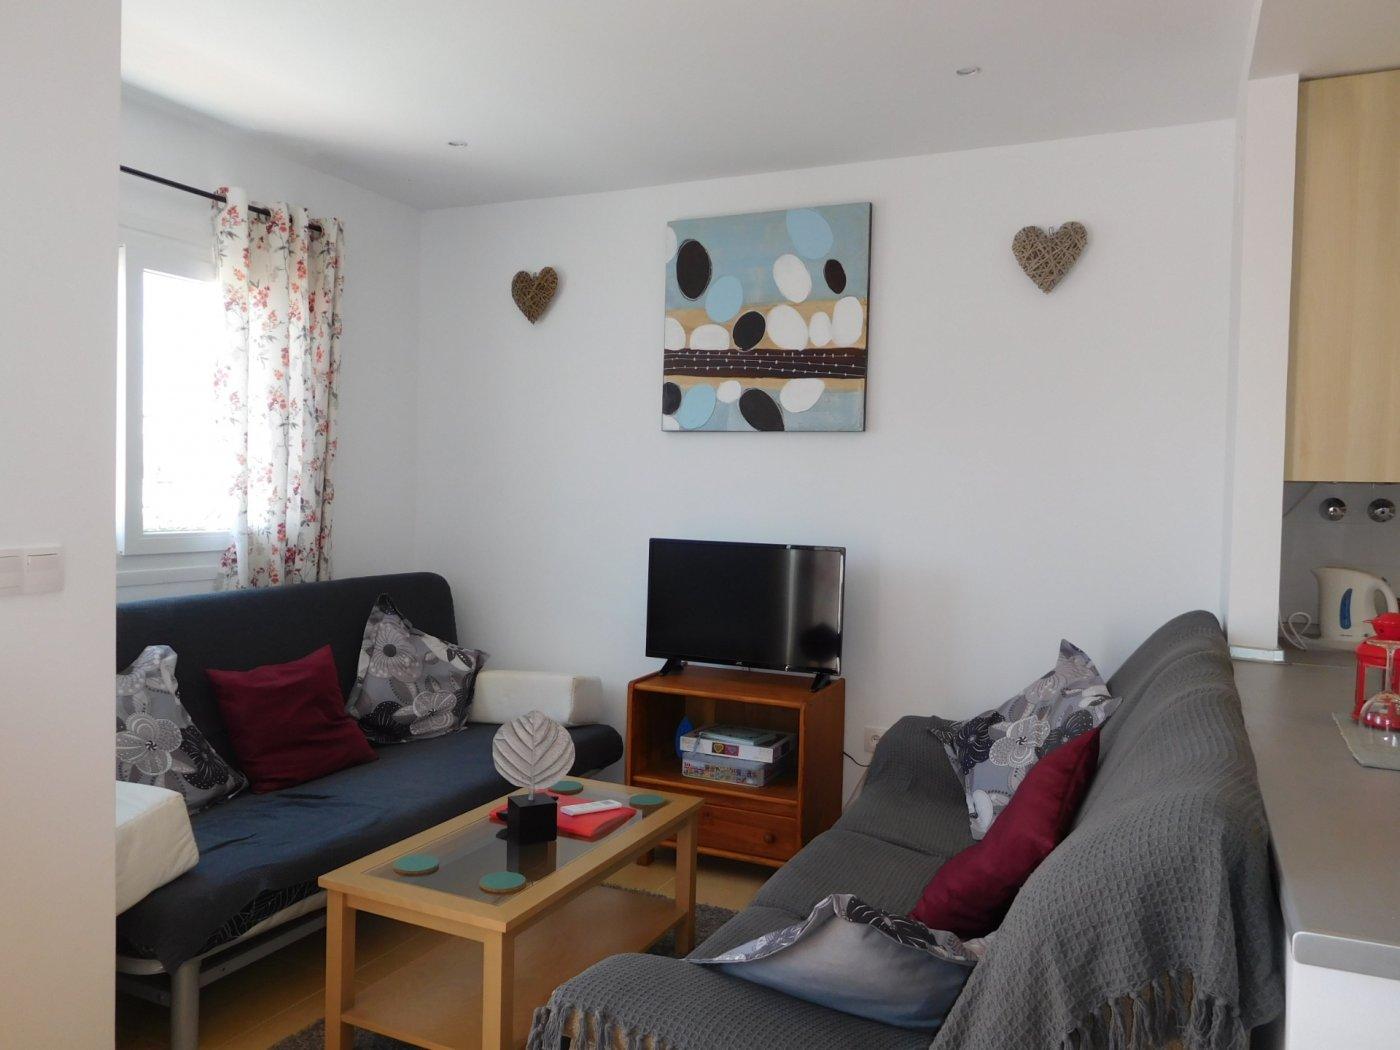 Image 1 Apartment ref 3265-03302 for rent in Condado De Alhama Spain - Quality Homes Costa Cálida